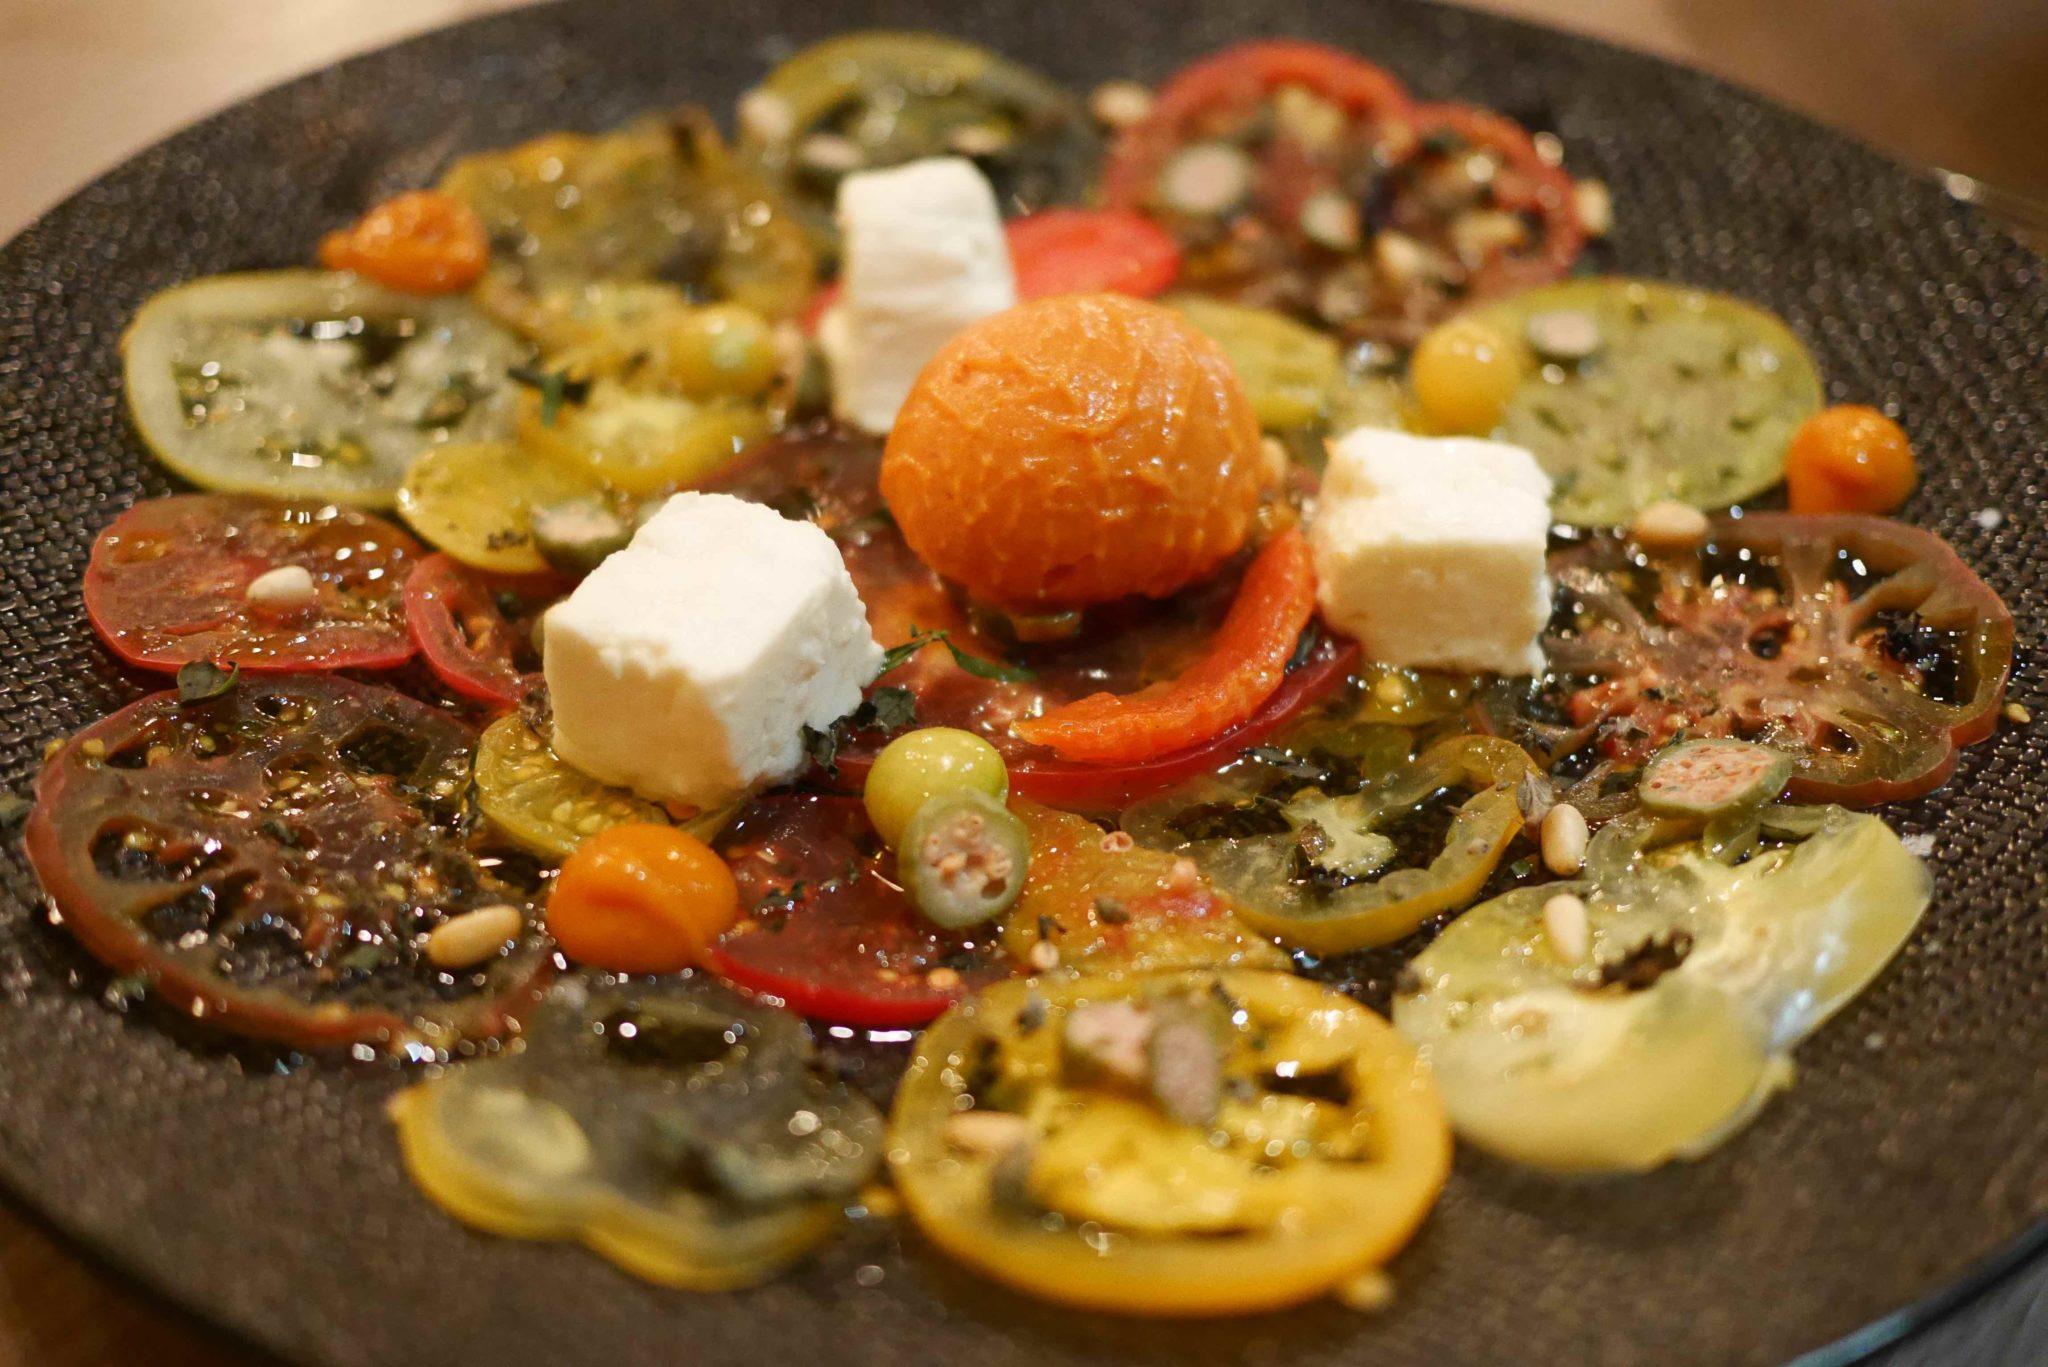 Carpaccio de tomates Bio de Mr Pierre Gayet, féta rôtie, herbes aromatiques, pignons et sorbet.